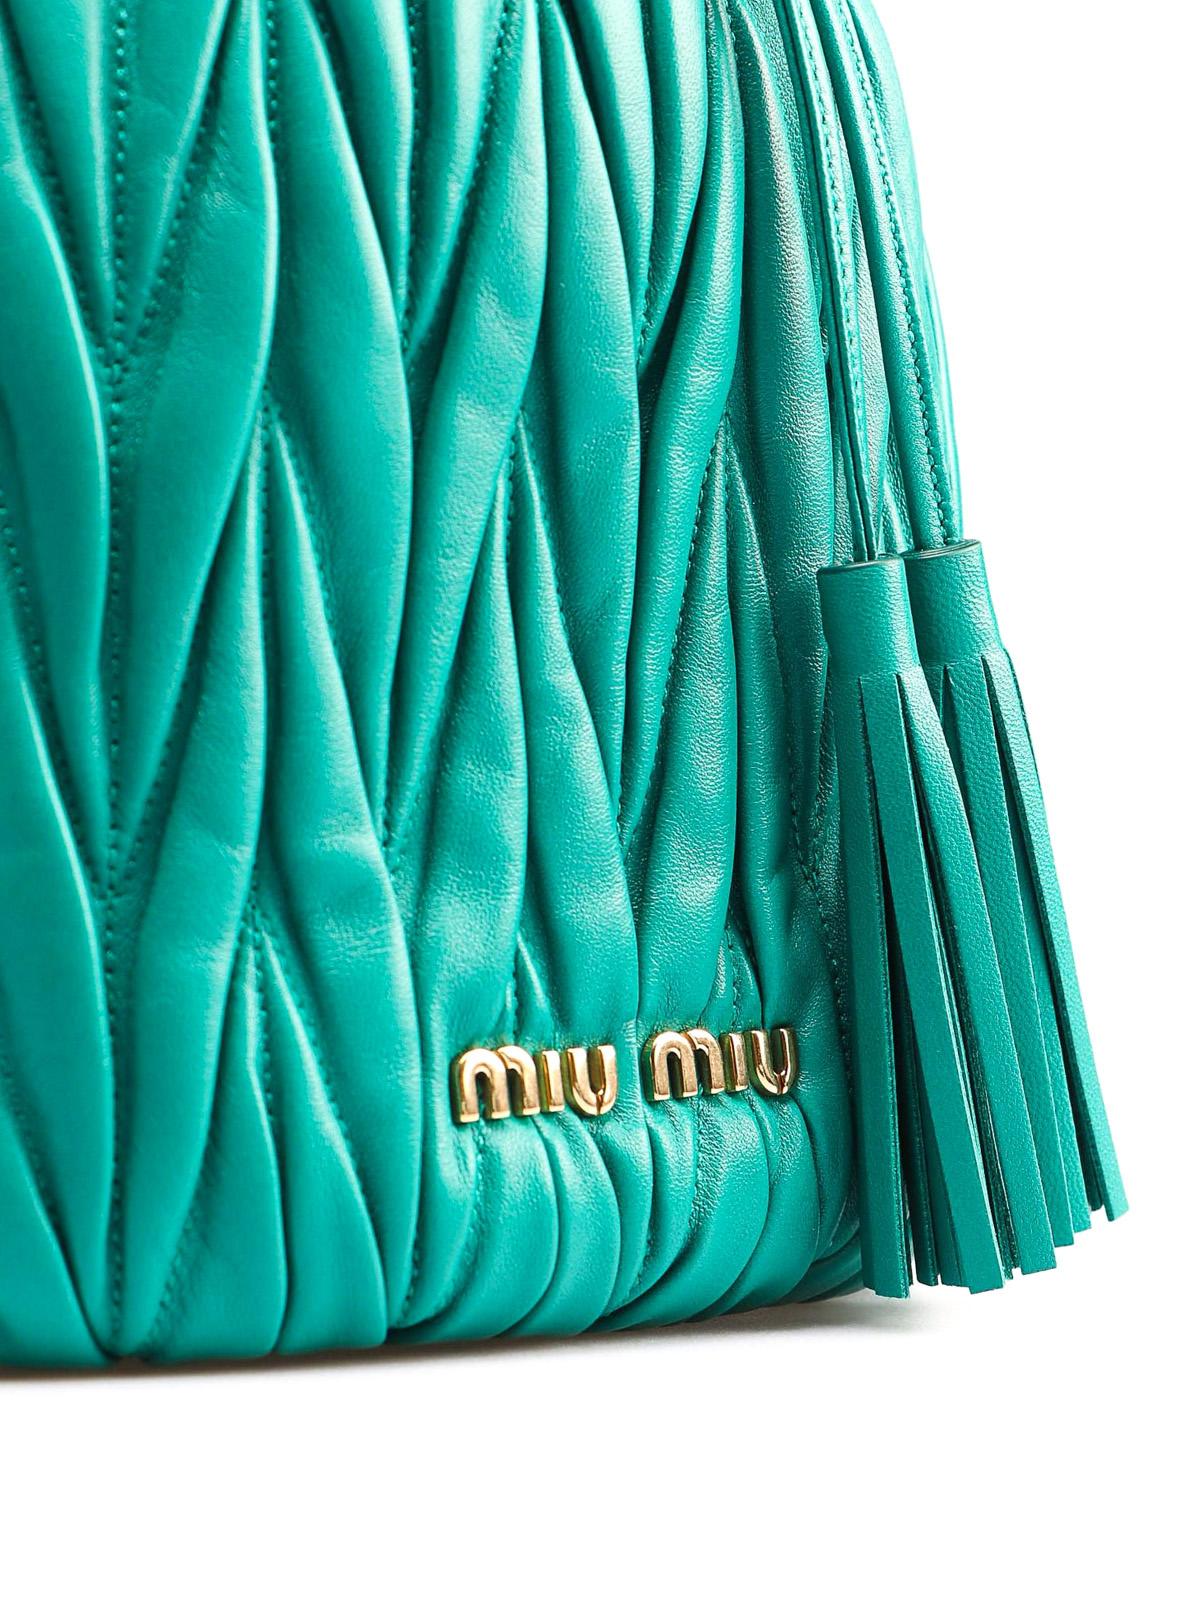 cheaper 7dd91 3e0f7 Miu Miu - Secchiello piccolo in nappa matelassé - Secchielli ...